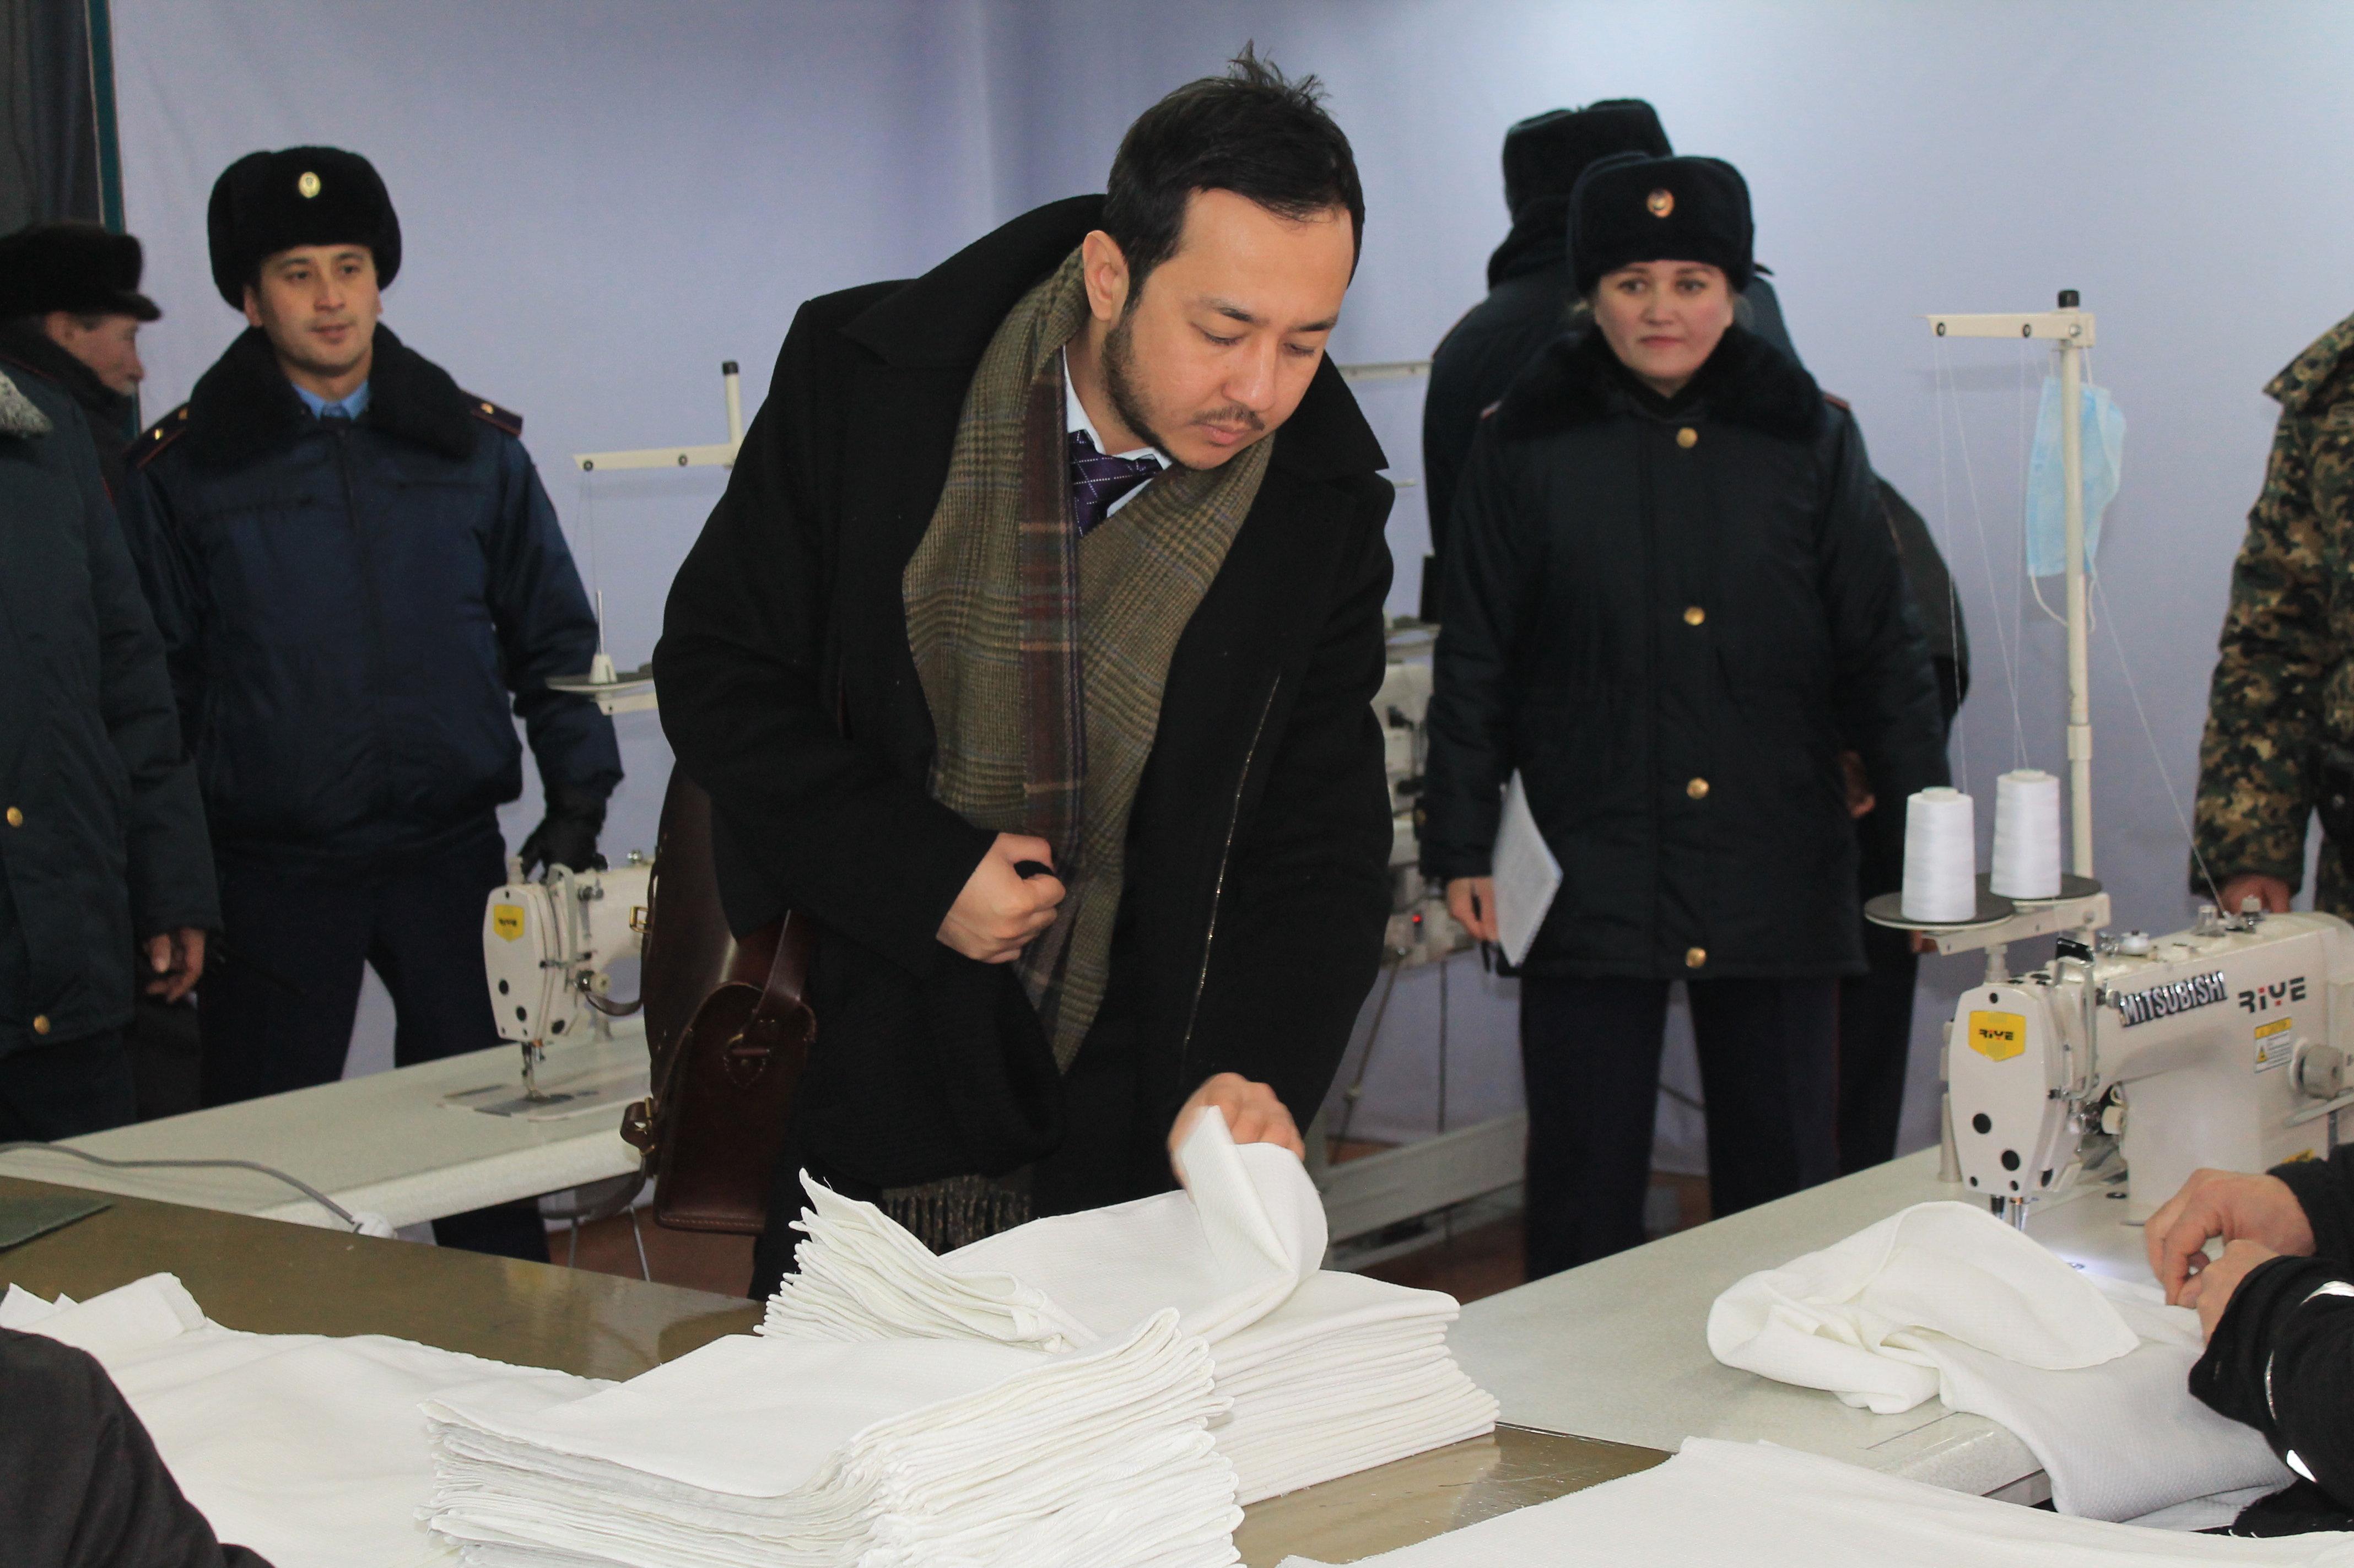 Региональный директор Международной тюремной реформы PRI в Центральной Азии Азамат Шамбилов